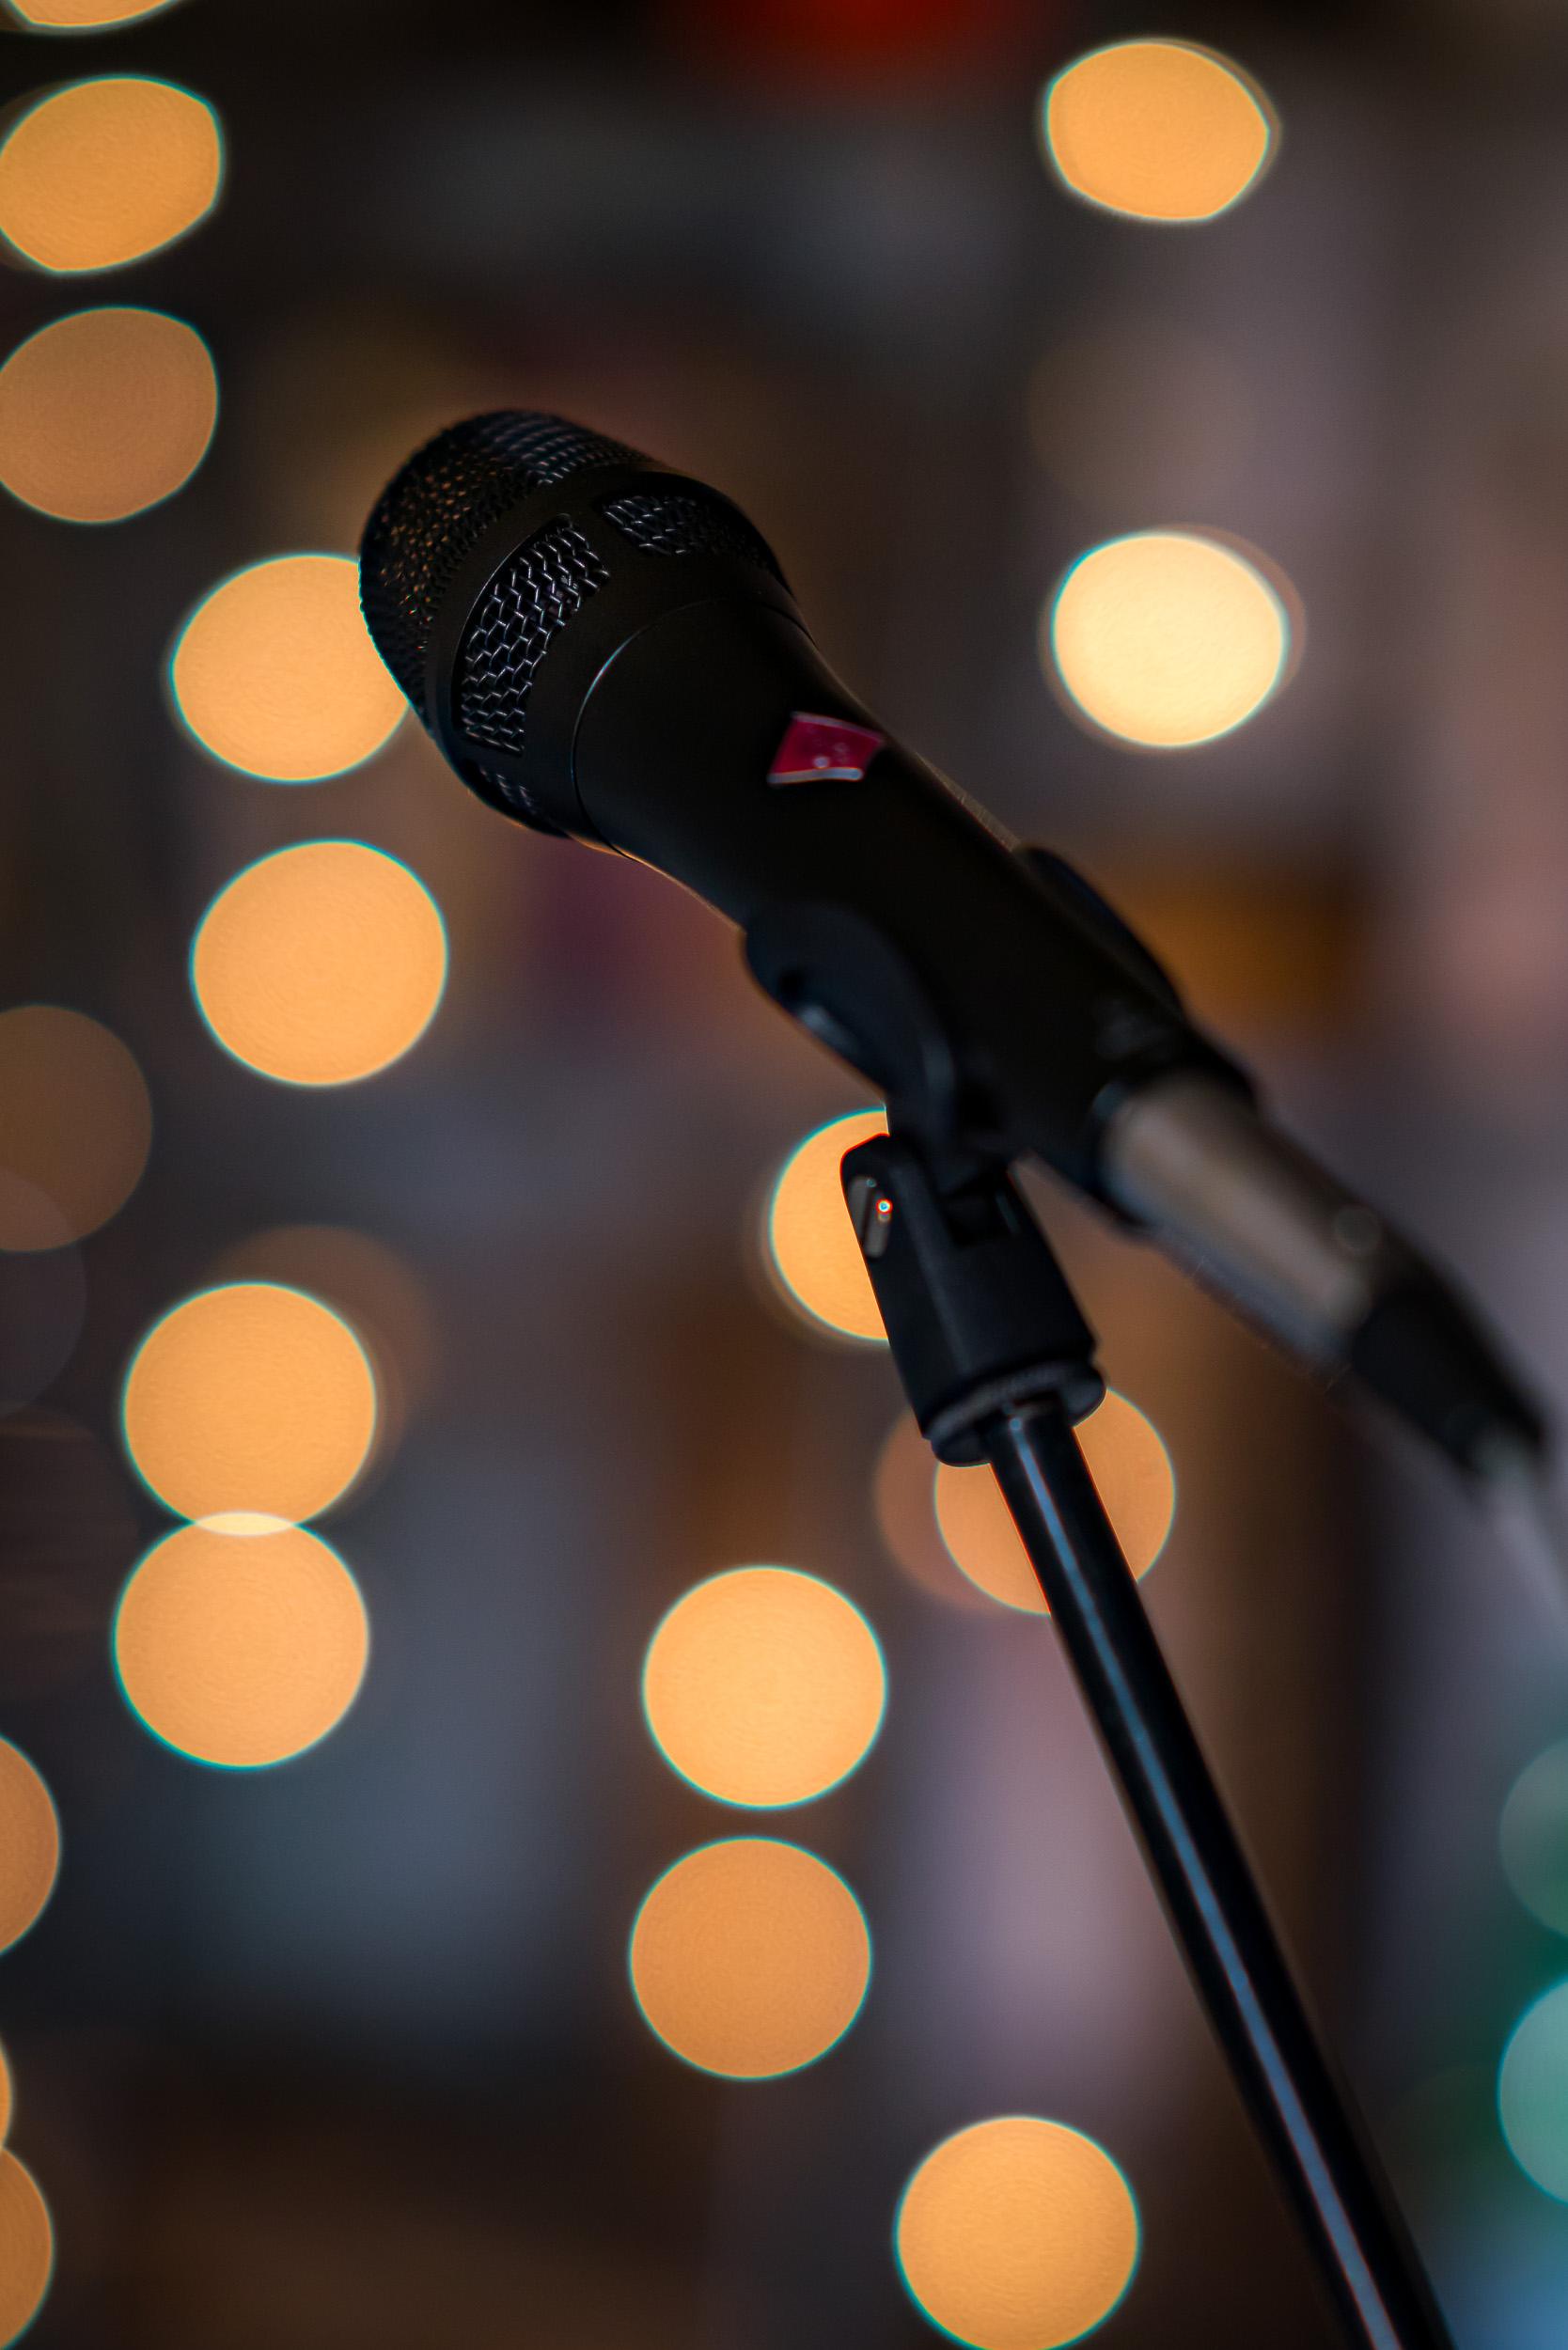 Concert intime pris par un photographe d'entreprise